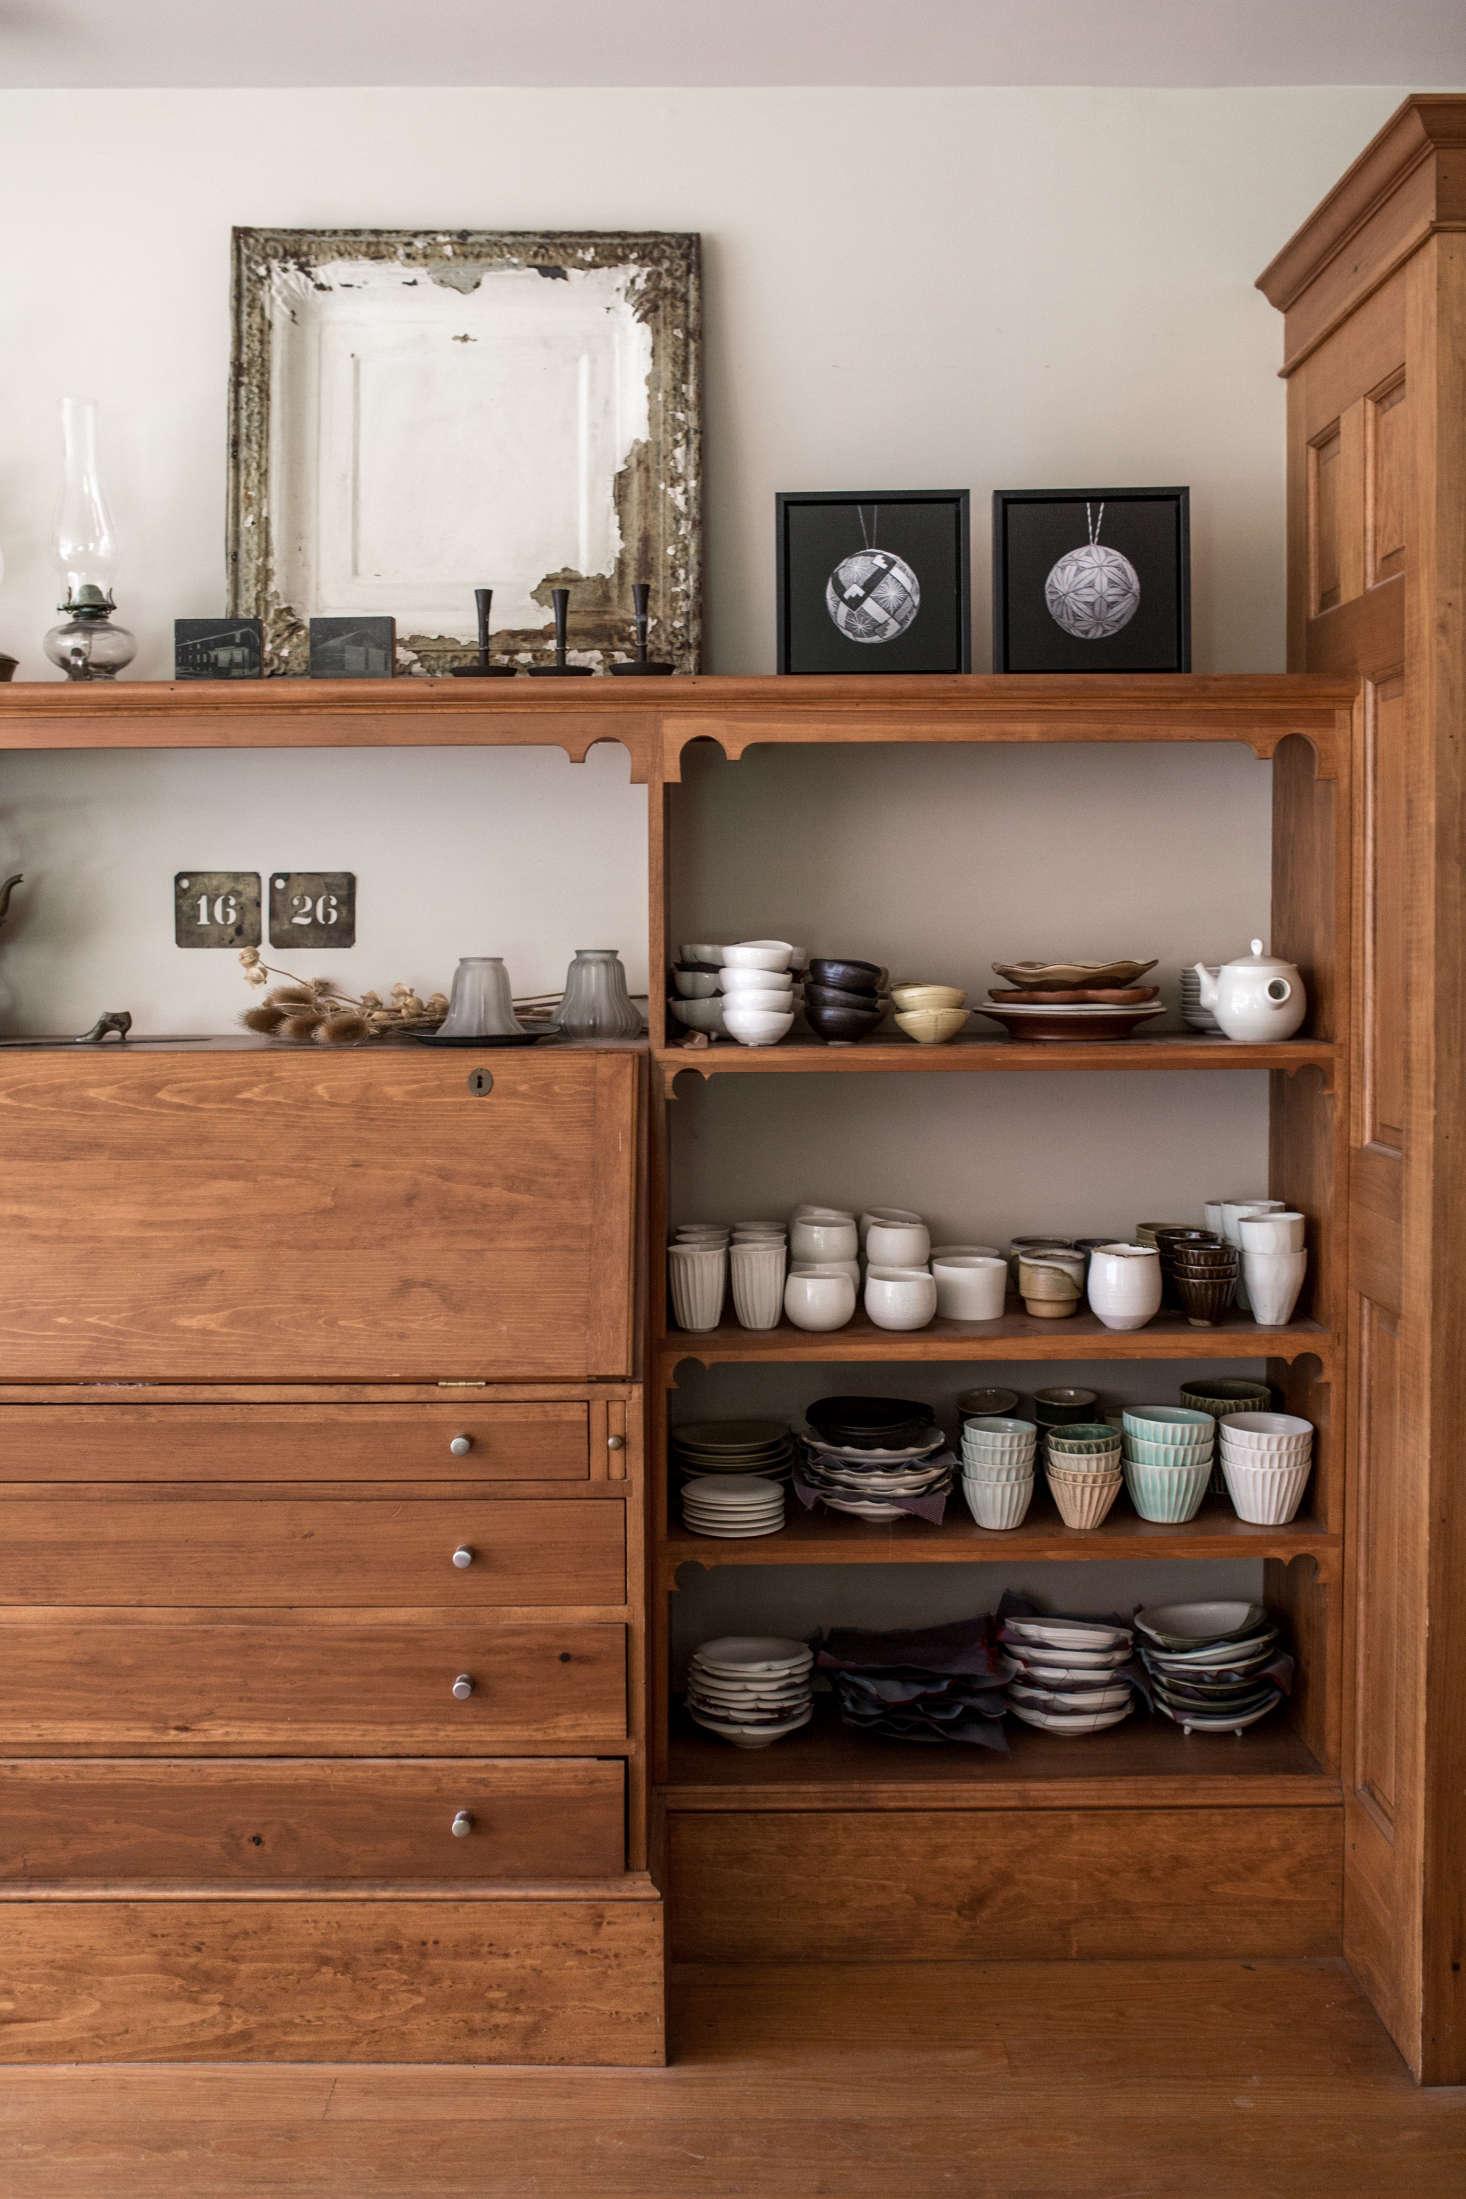 Shelves hold Nakazato&#8